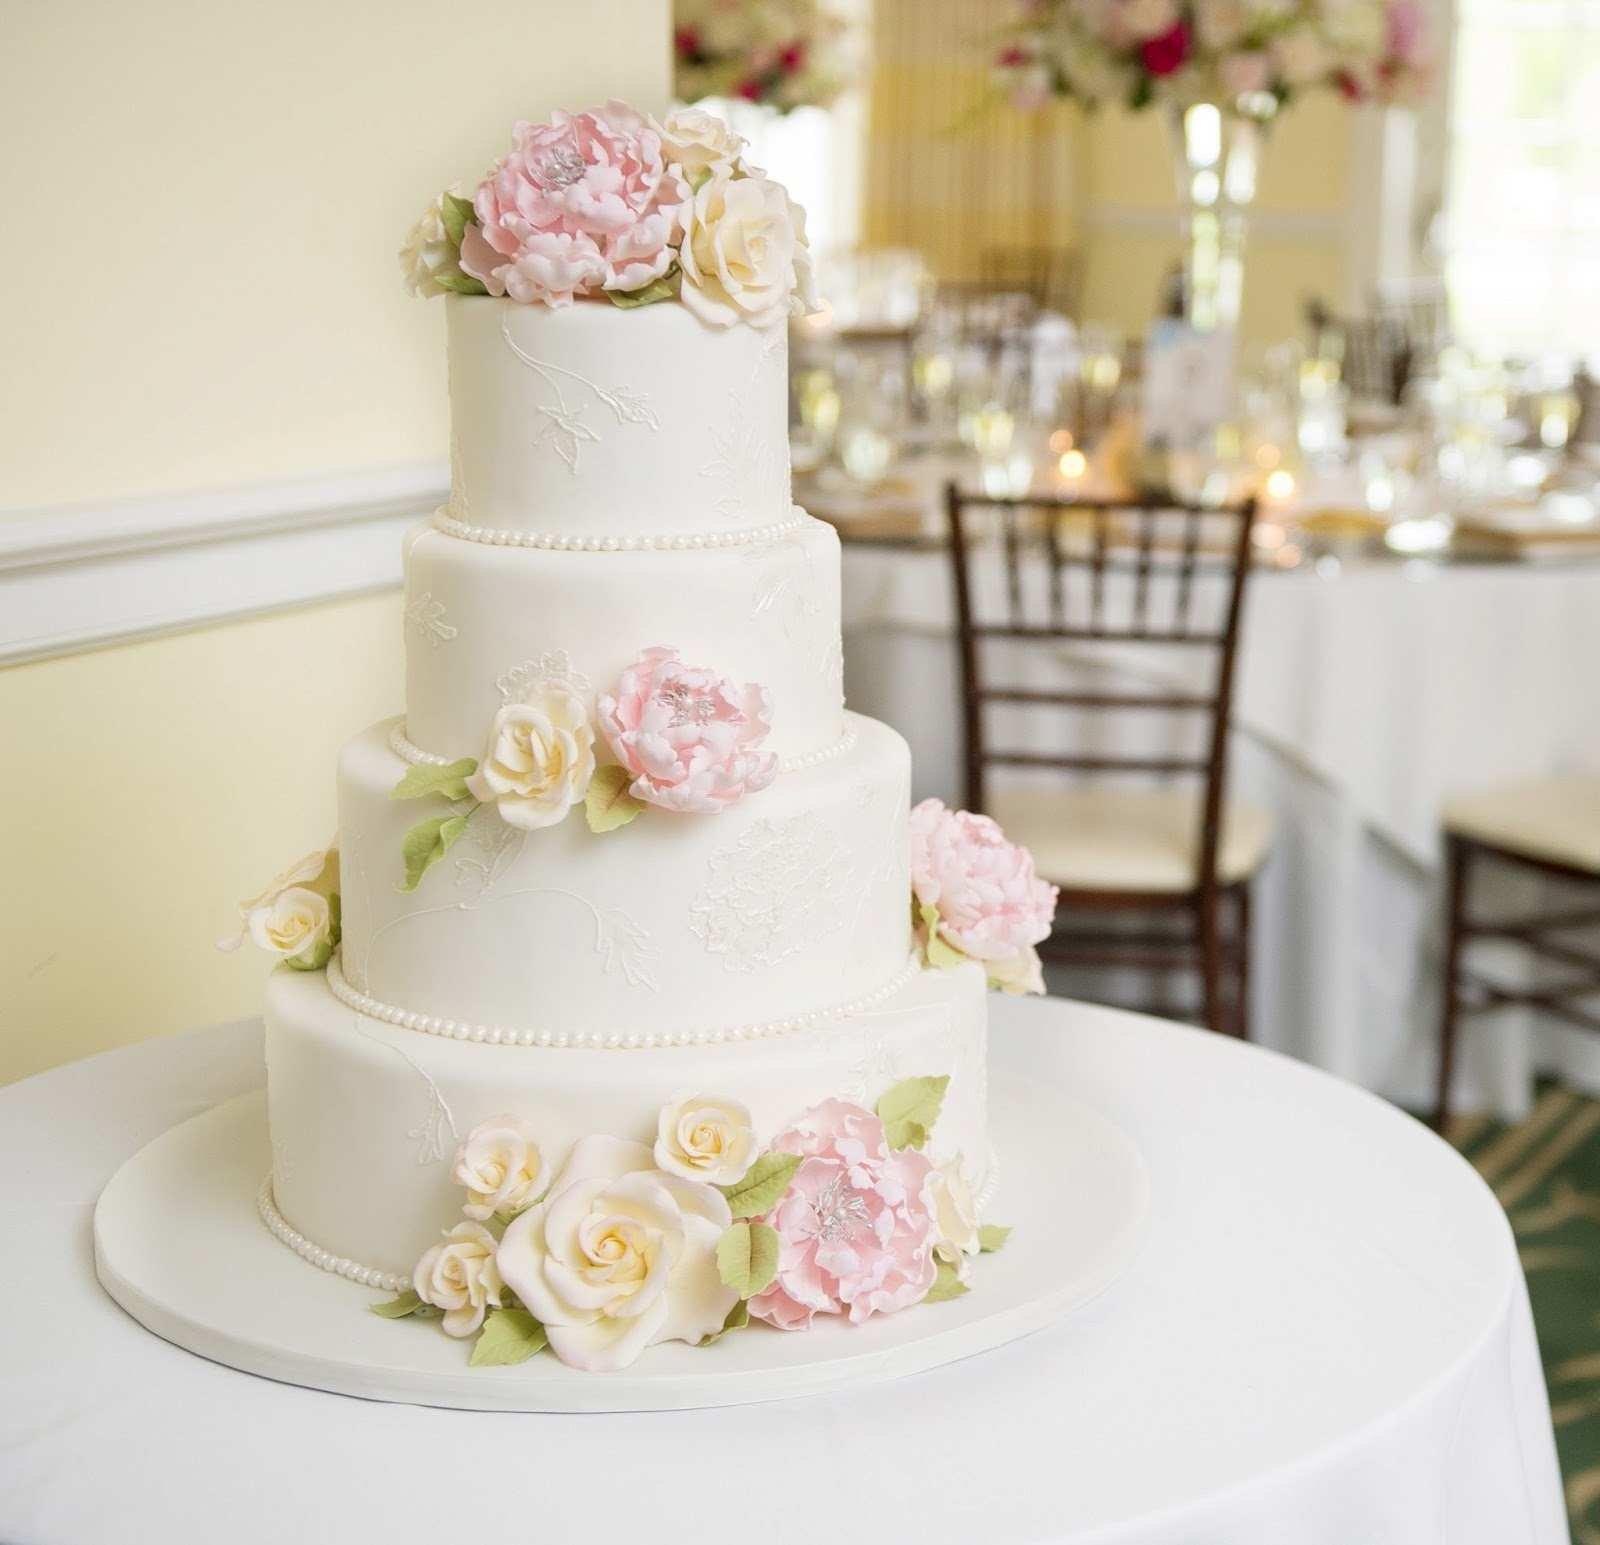 погода особо фотографии тортов на свадьбу того, как диск